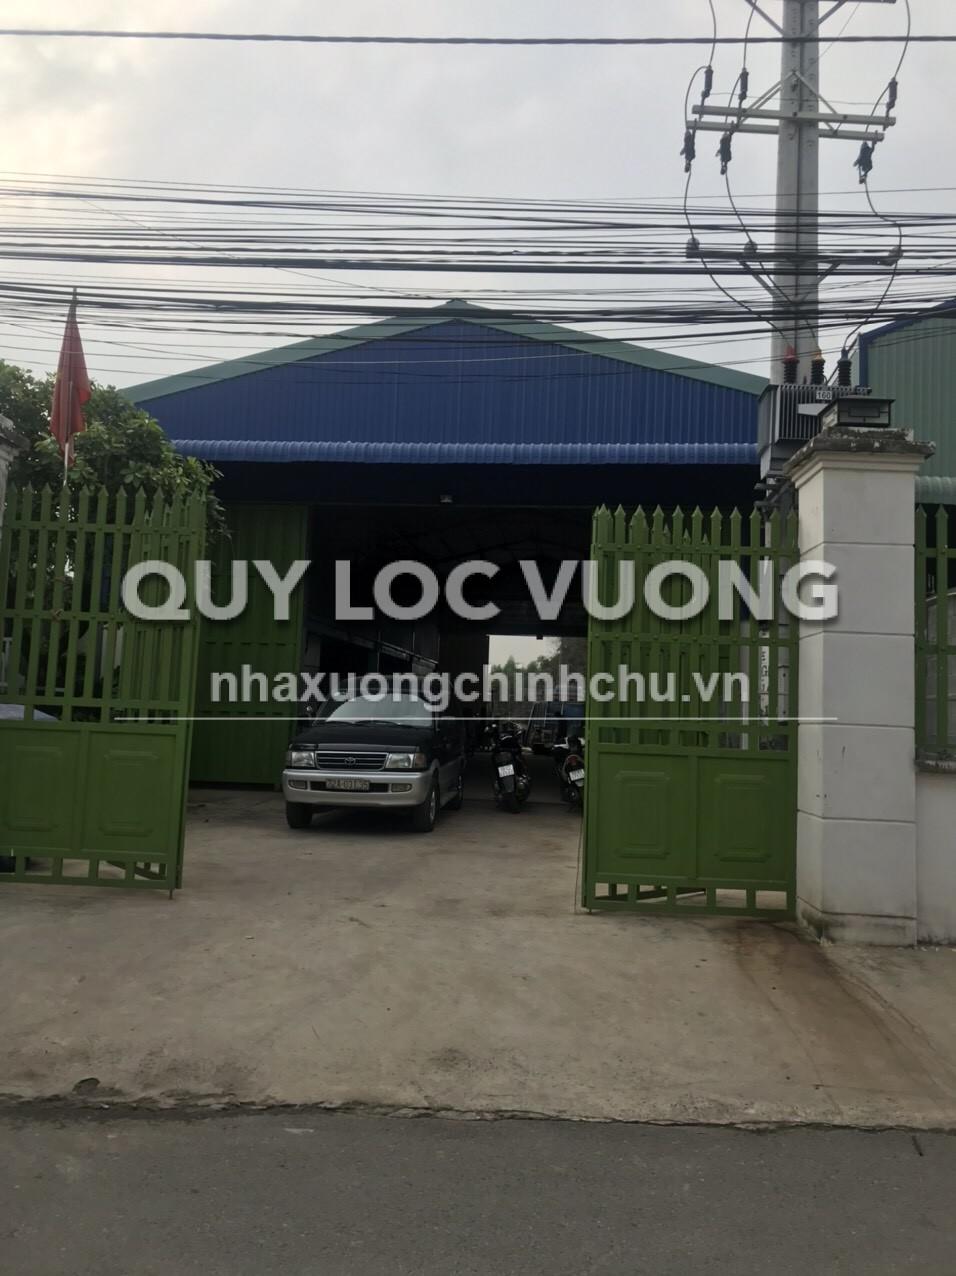 Cho thuê xưởng nằm đối diện KCN Mỹ Xuân A Bà Rịa Vũng Tàu rộng 600m2